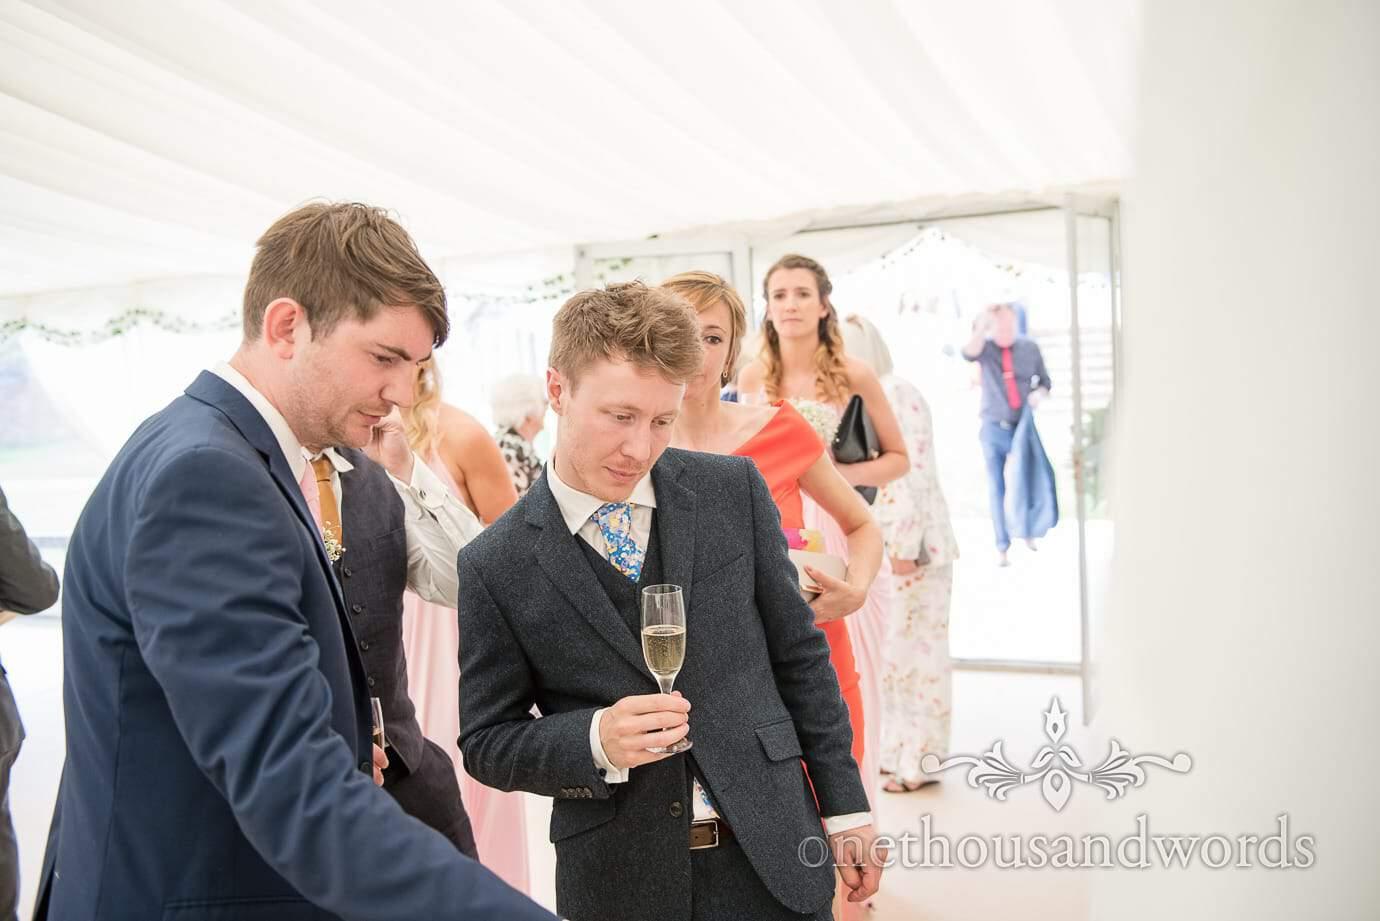 Wedding guests queue to examine table plan in wedding marquee